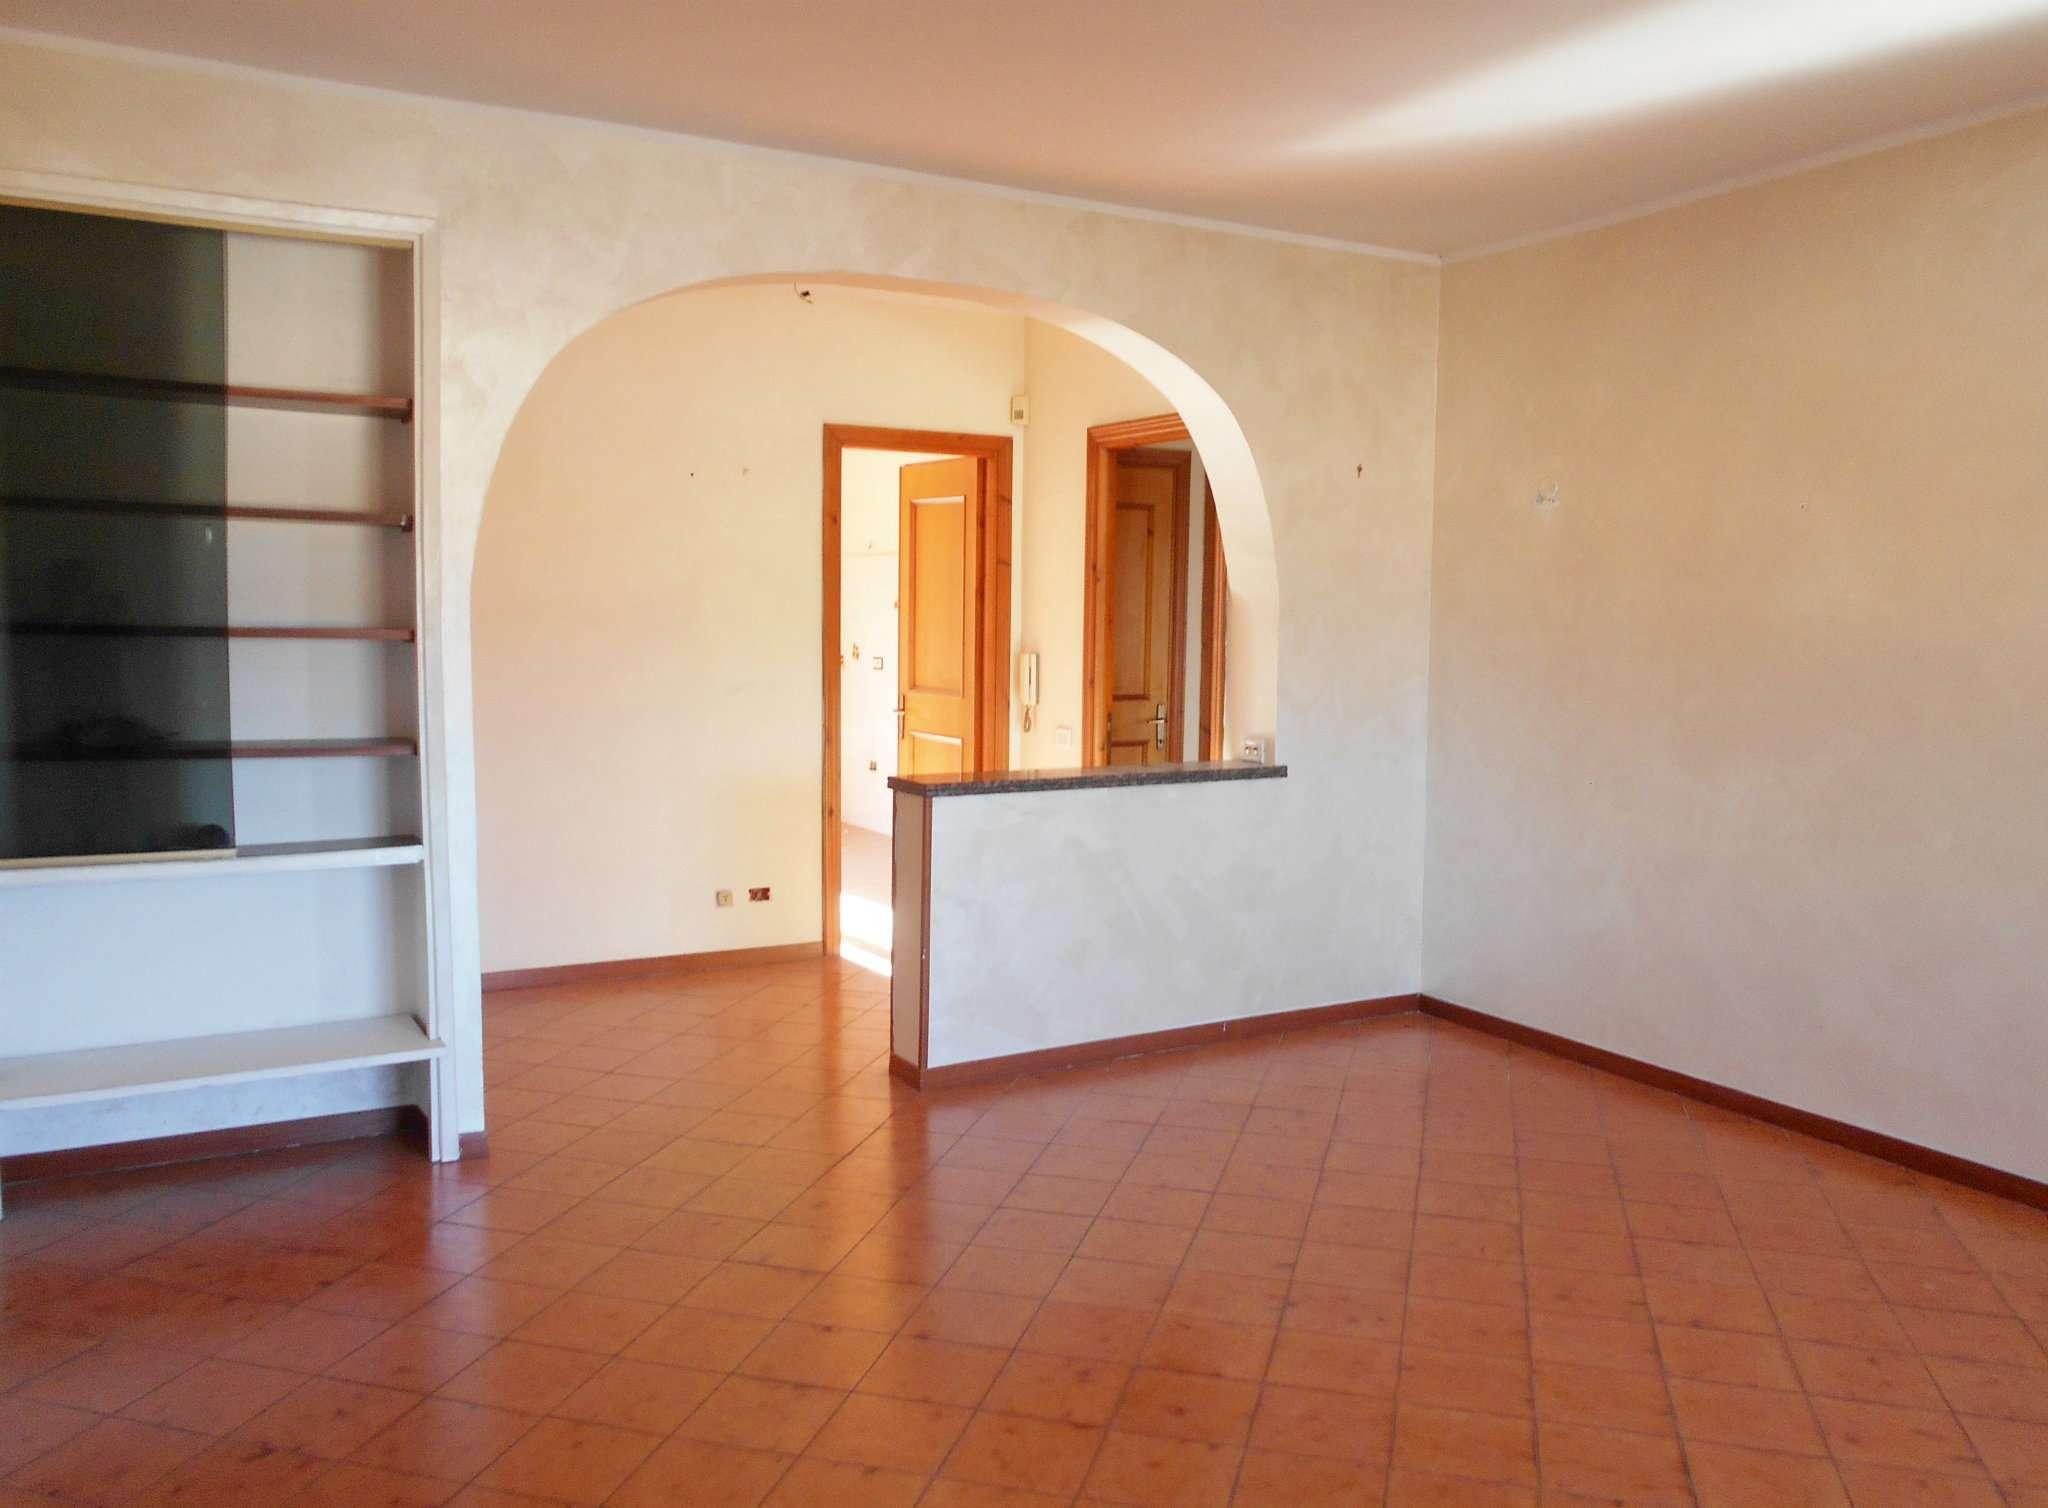 Appartamento in vendita a San Cesareo, 4 locali, prezzo € 169.000 | CambioCasa.it